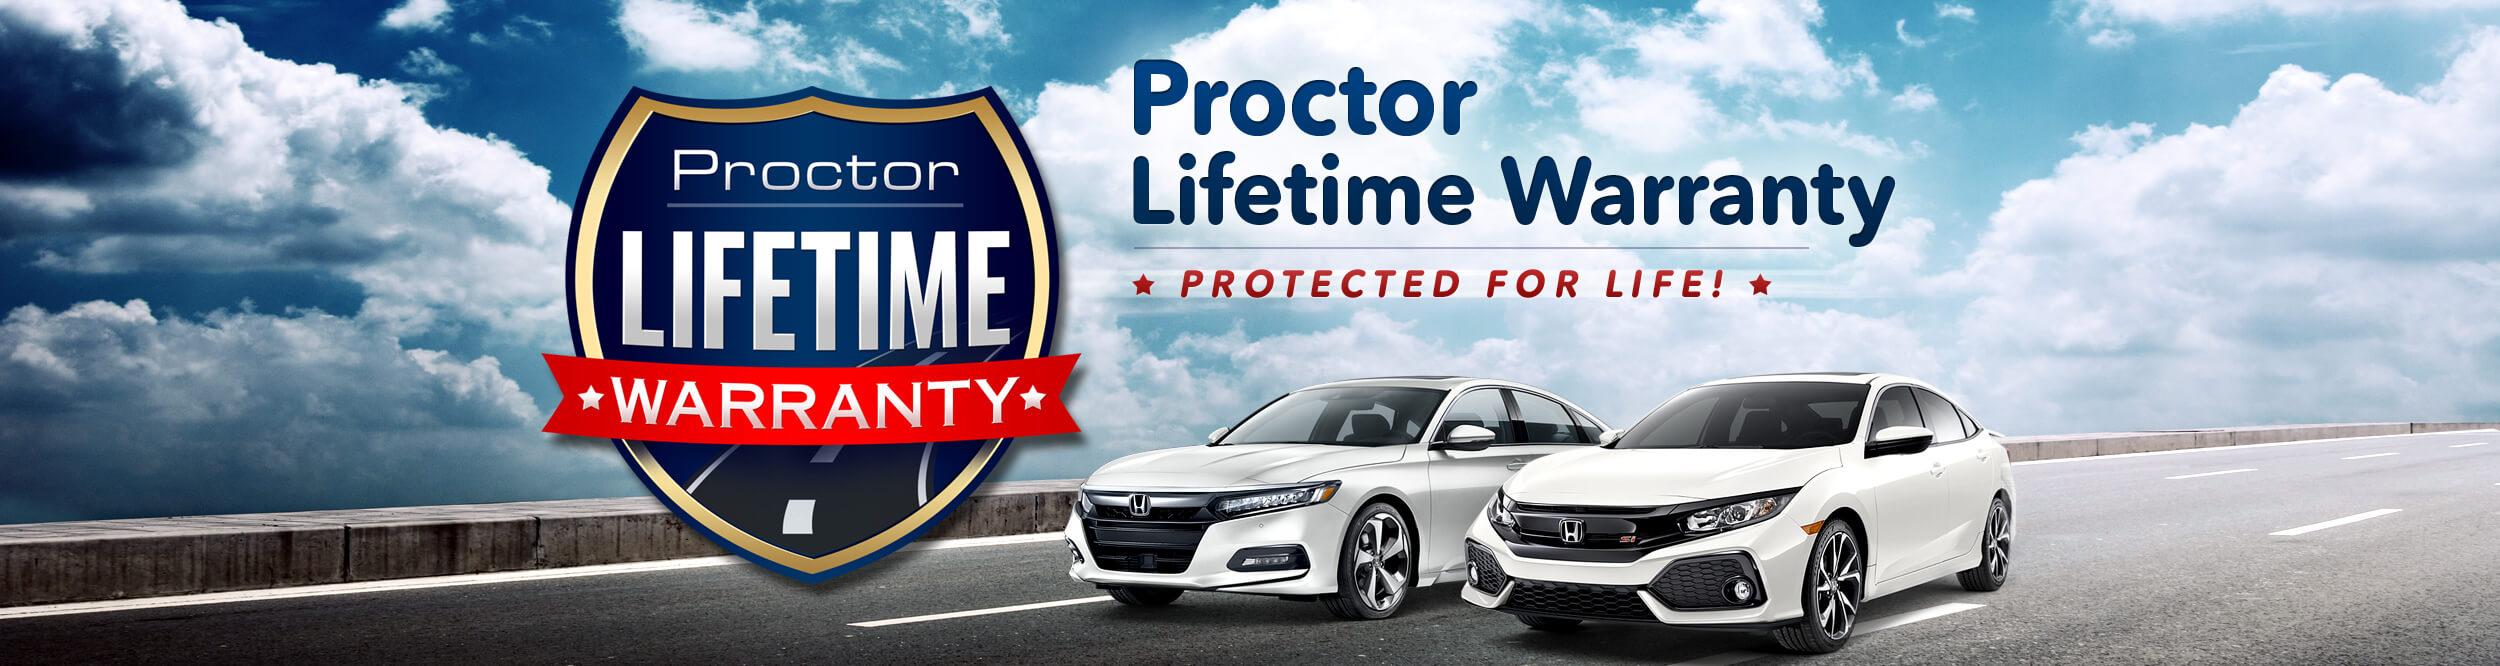 Proctor Lifetime Warranty